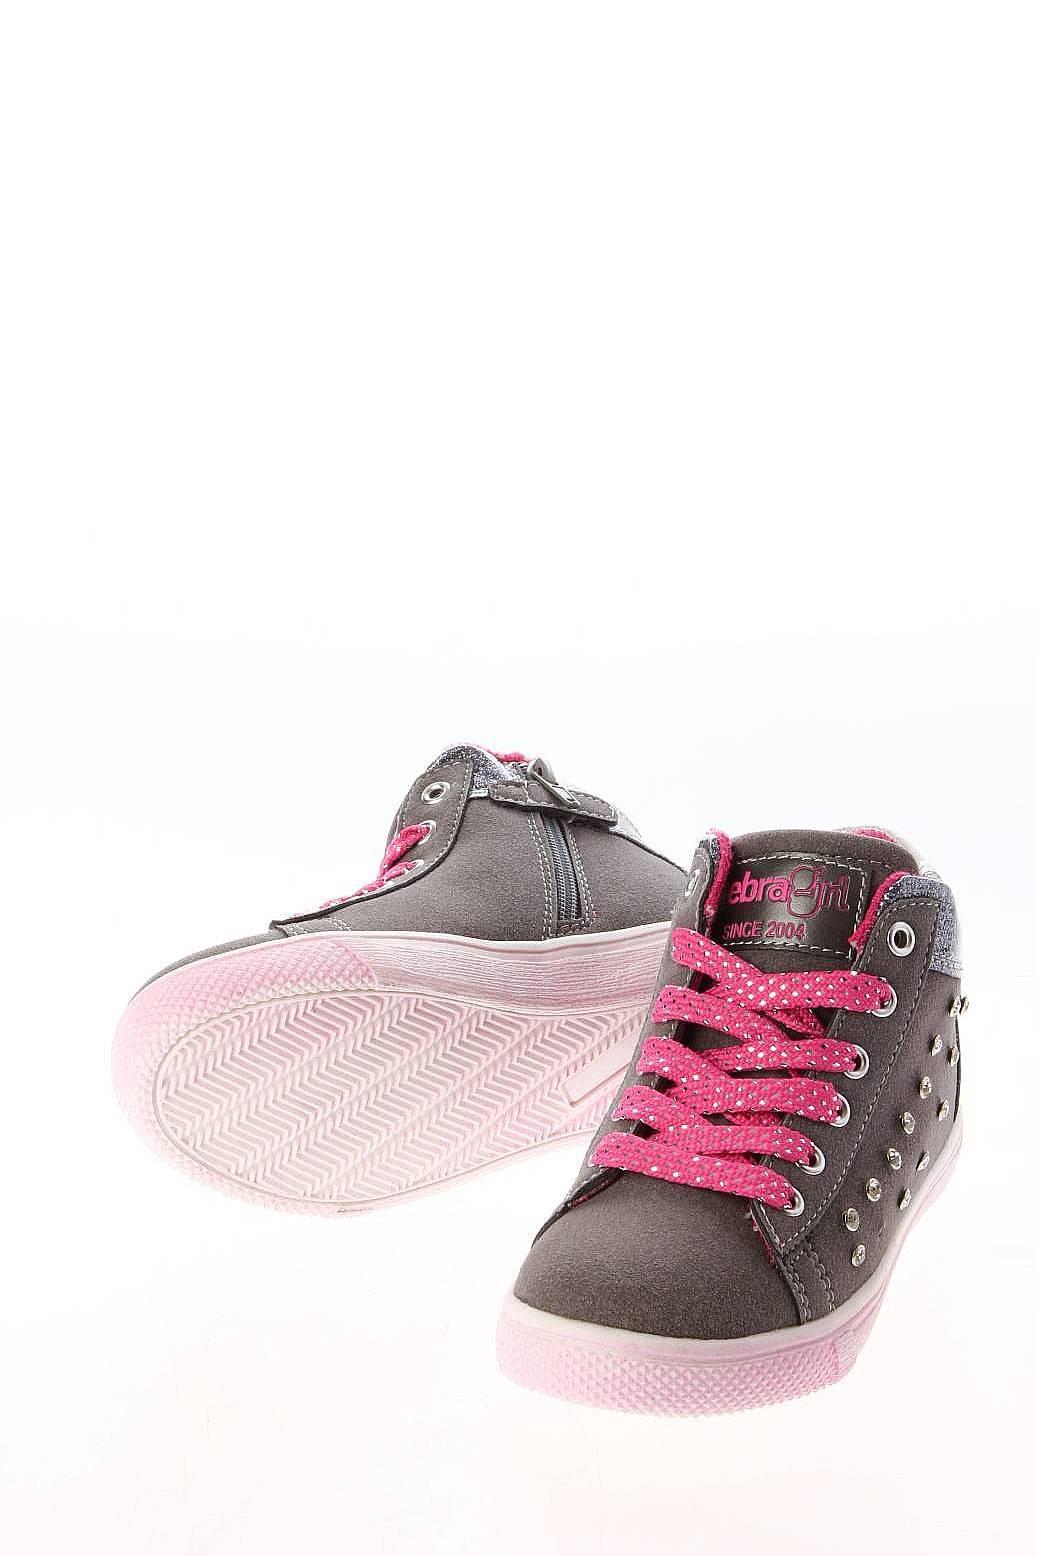 Мужская Обувь Детская Обувь Ботинки, Ботильоны: Зебра Обувь